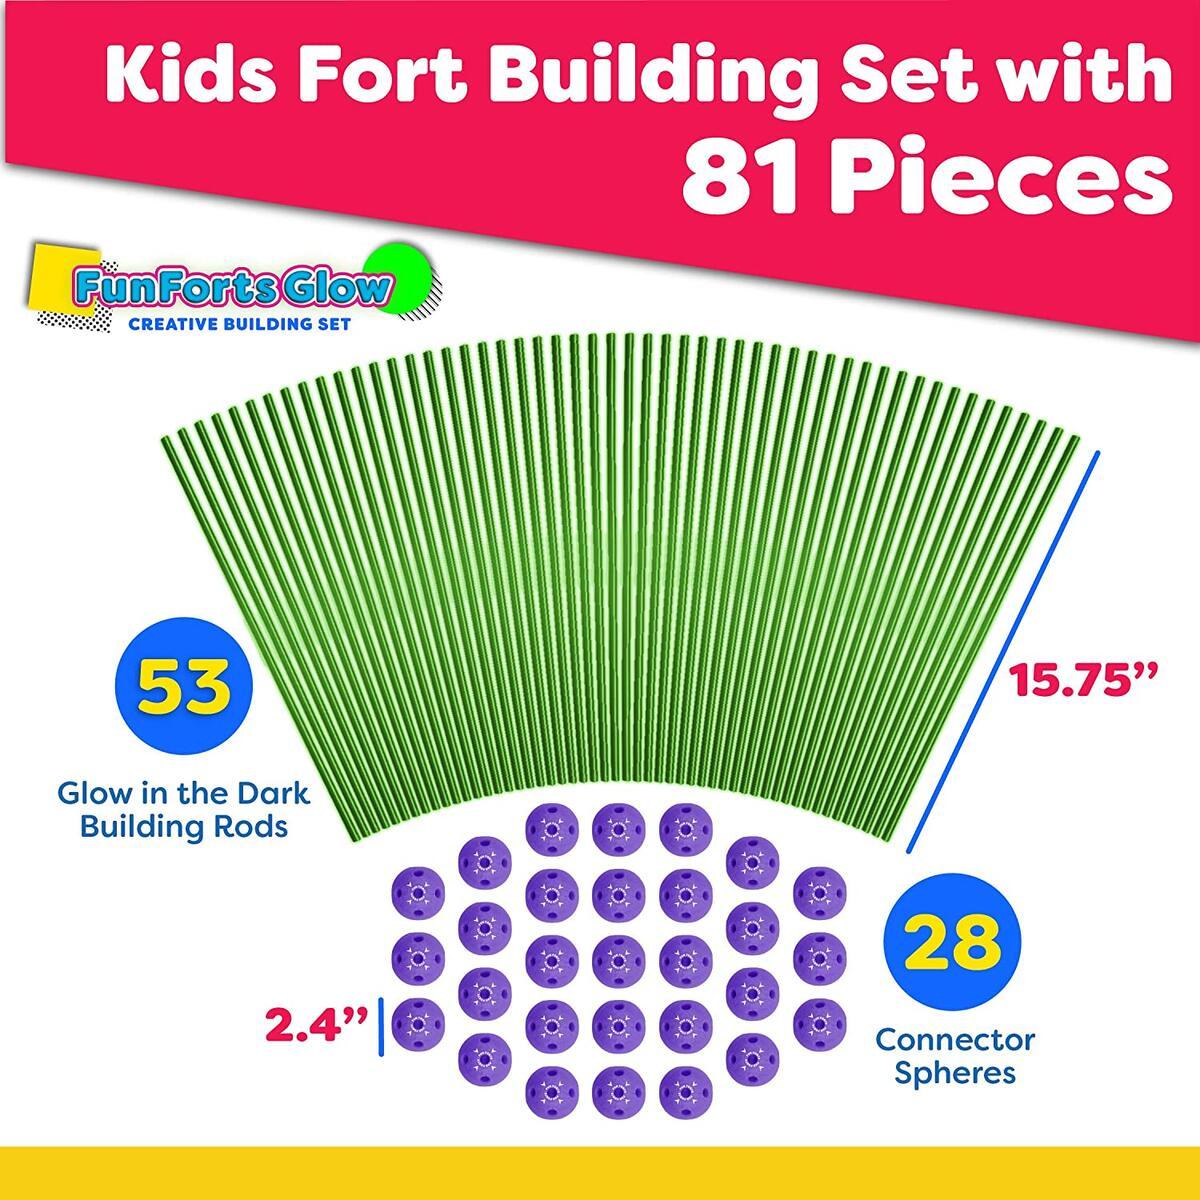 Fun Forts Glow